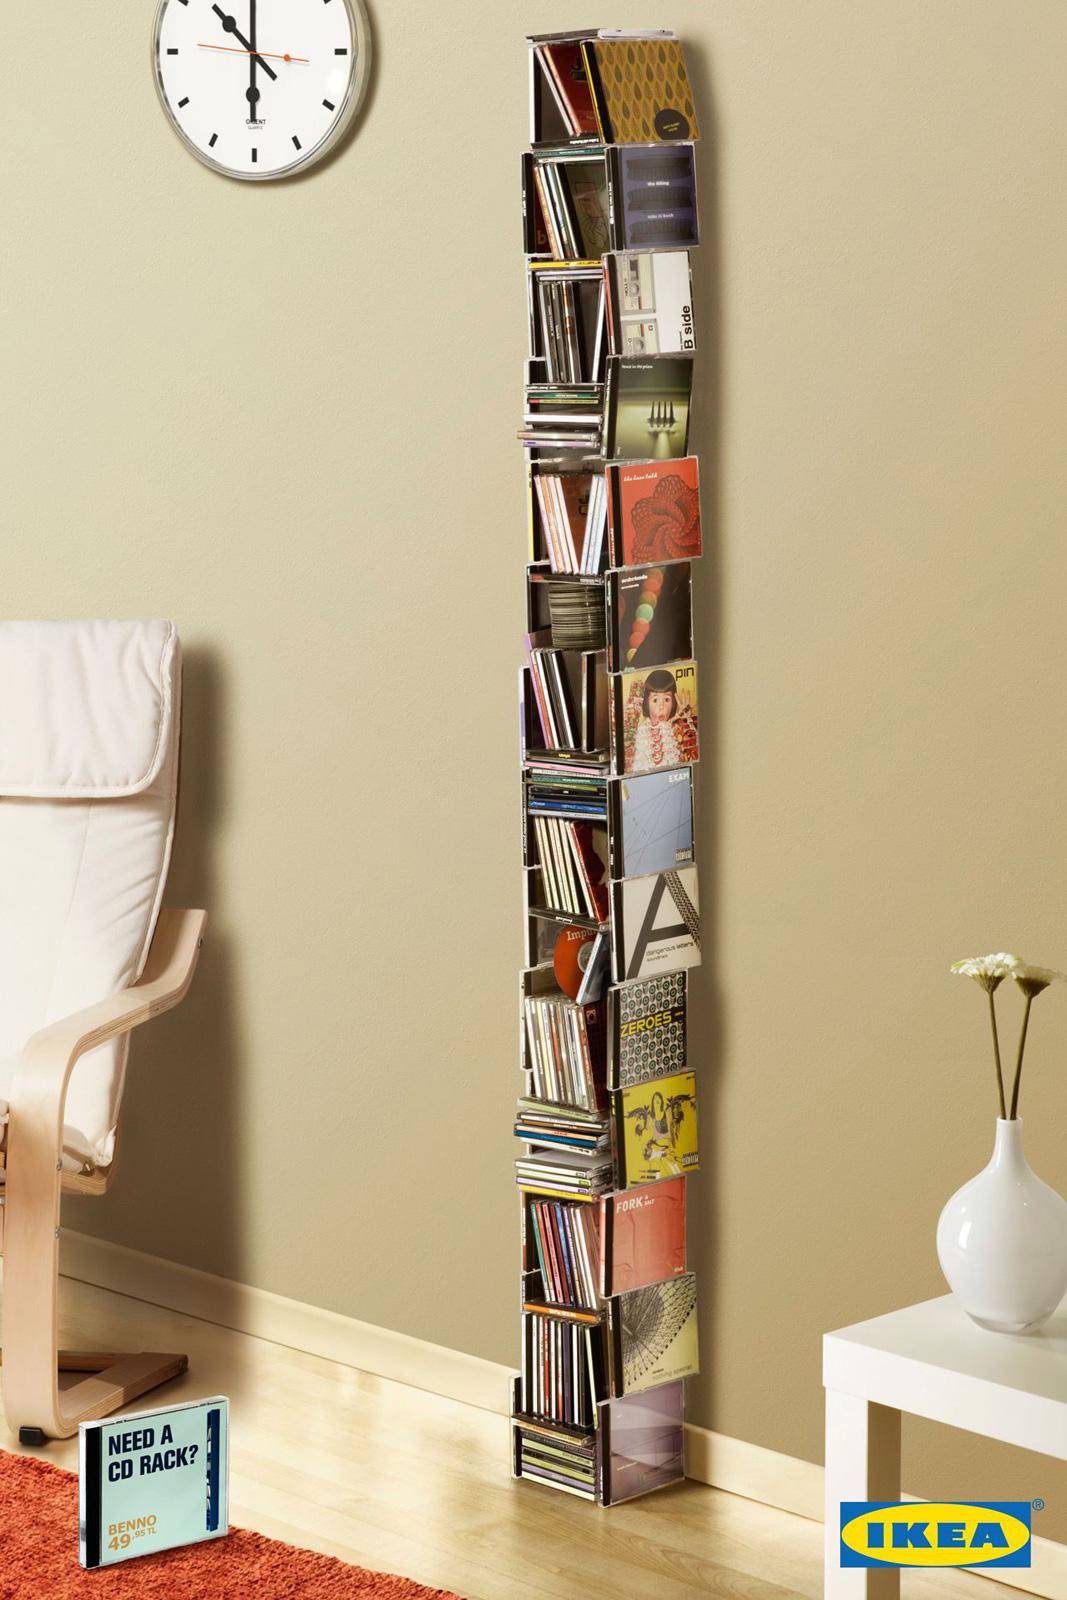 Ikea estanter a cd dvd libros - Librerias de pared ...